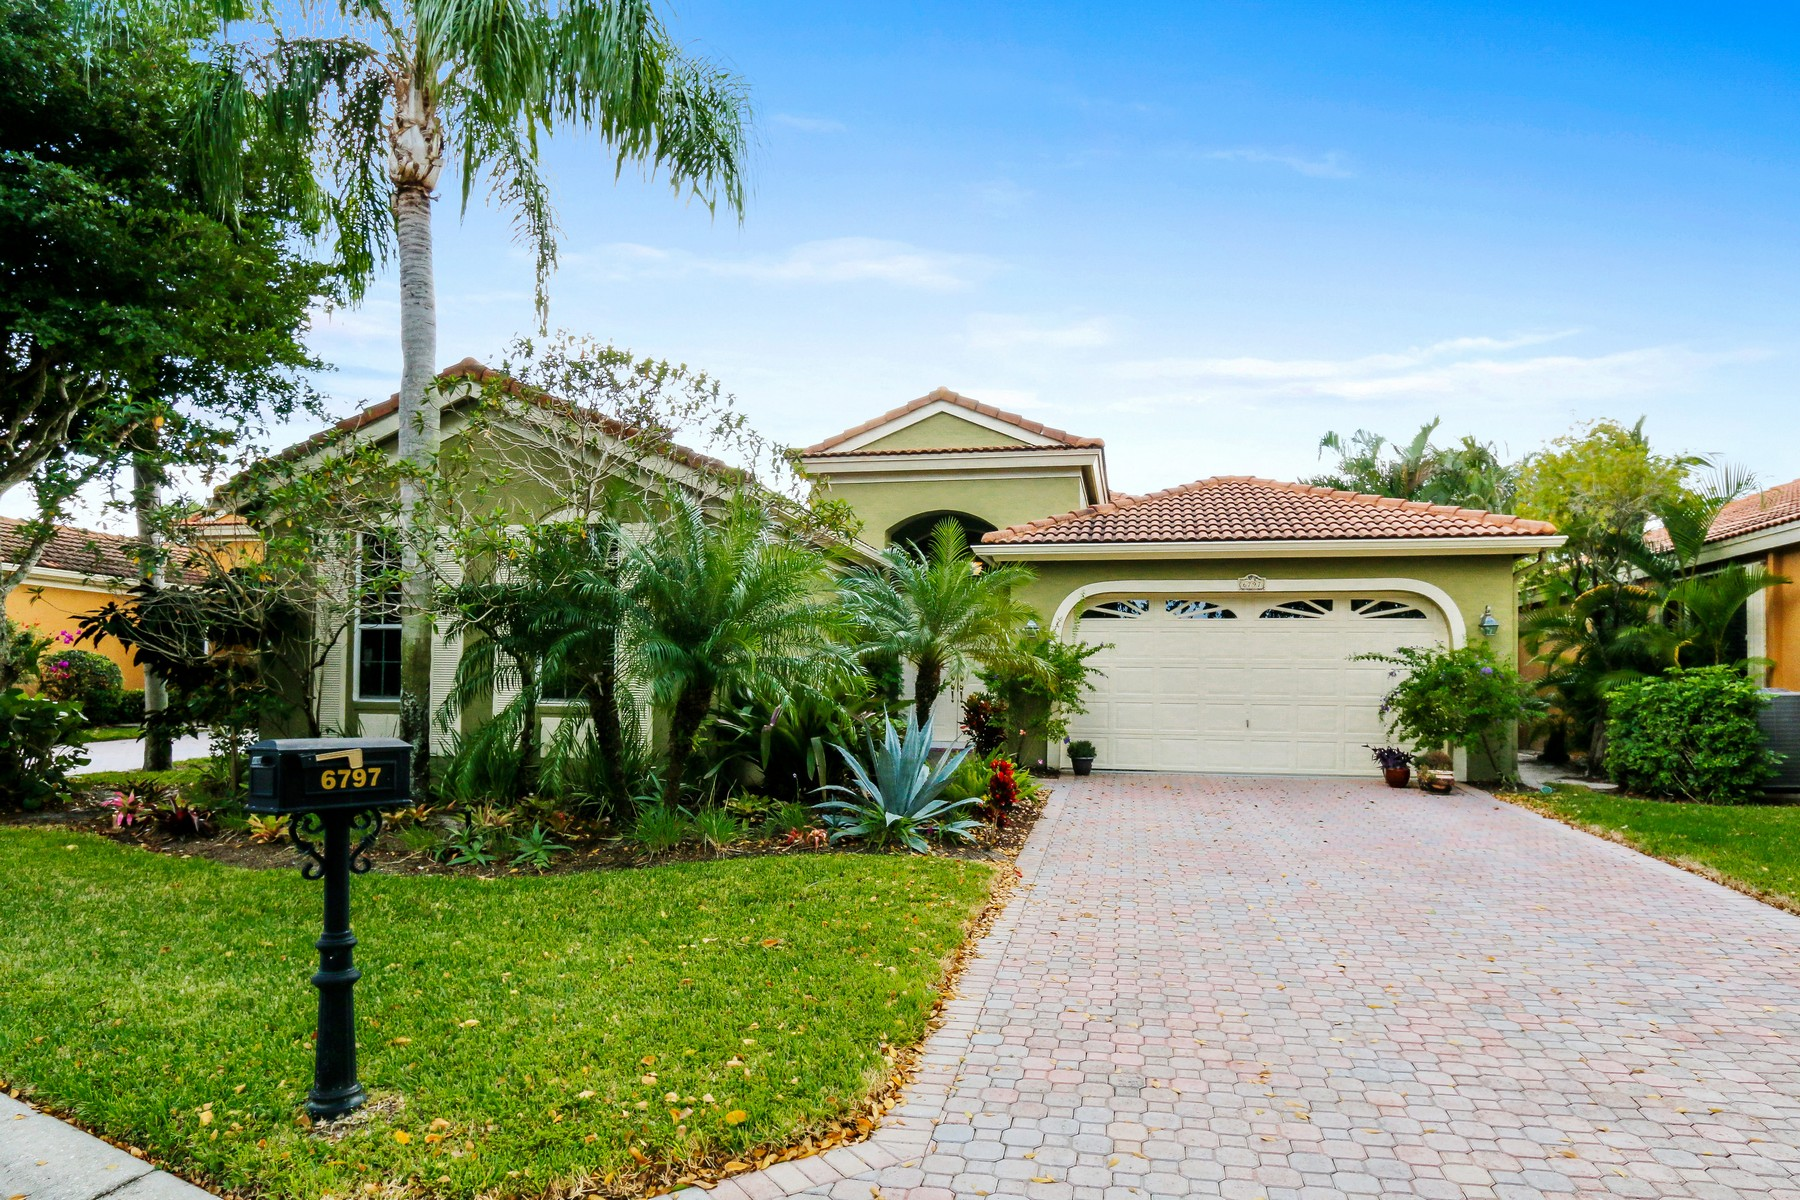 Maison unifamiliale pour l Vente à 6797 Portside Dr , Boca Raton, FL 33496 6797 Portside Dr Boca Raton, Florida, 33496 États-Unis